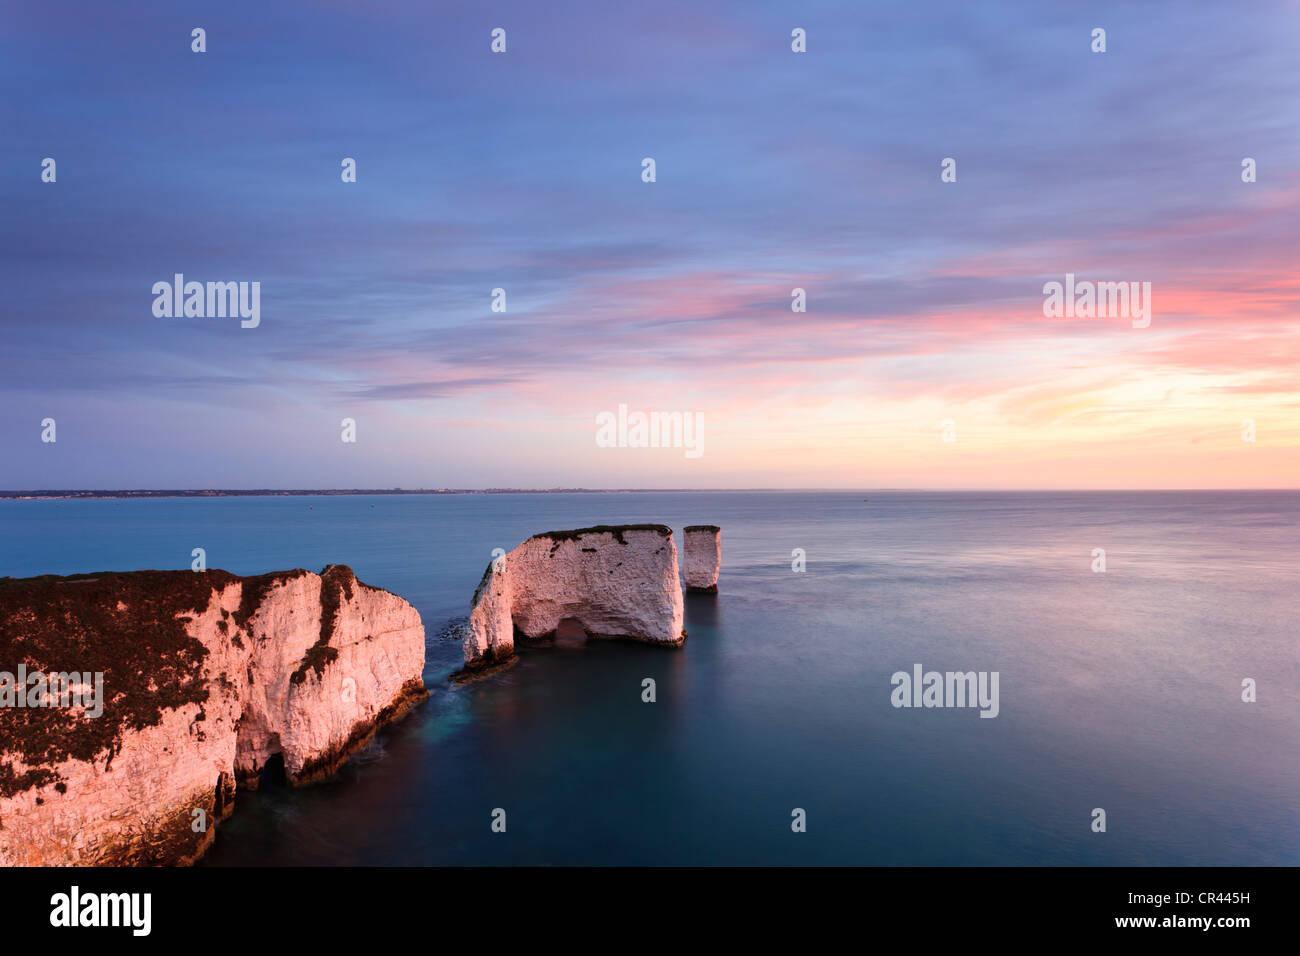 Sunrise at Old Harry Rocks, Swanage, Dorset, UK - Stock Image